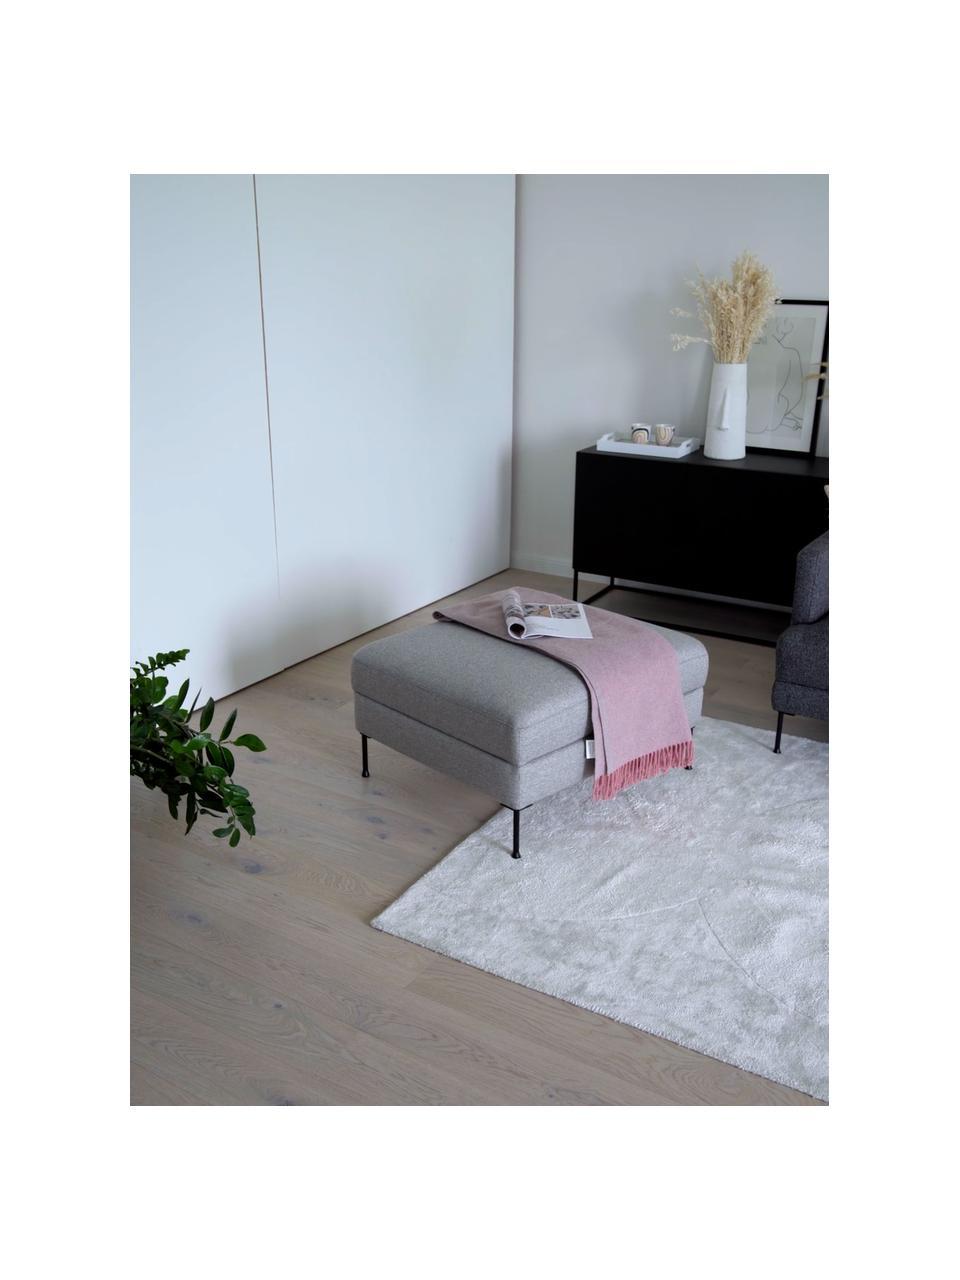 Sofa-Hocker Cucita in Hellgrau mit Stauraum, Bezug: Webstoff (Polyester) Der , Gestell: Massives Kiefernholz, Füße: Metall, lackiert, Webstoff Hellgrau, 75 x 46 cm